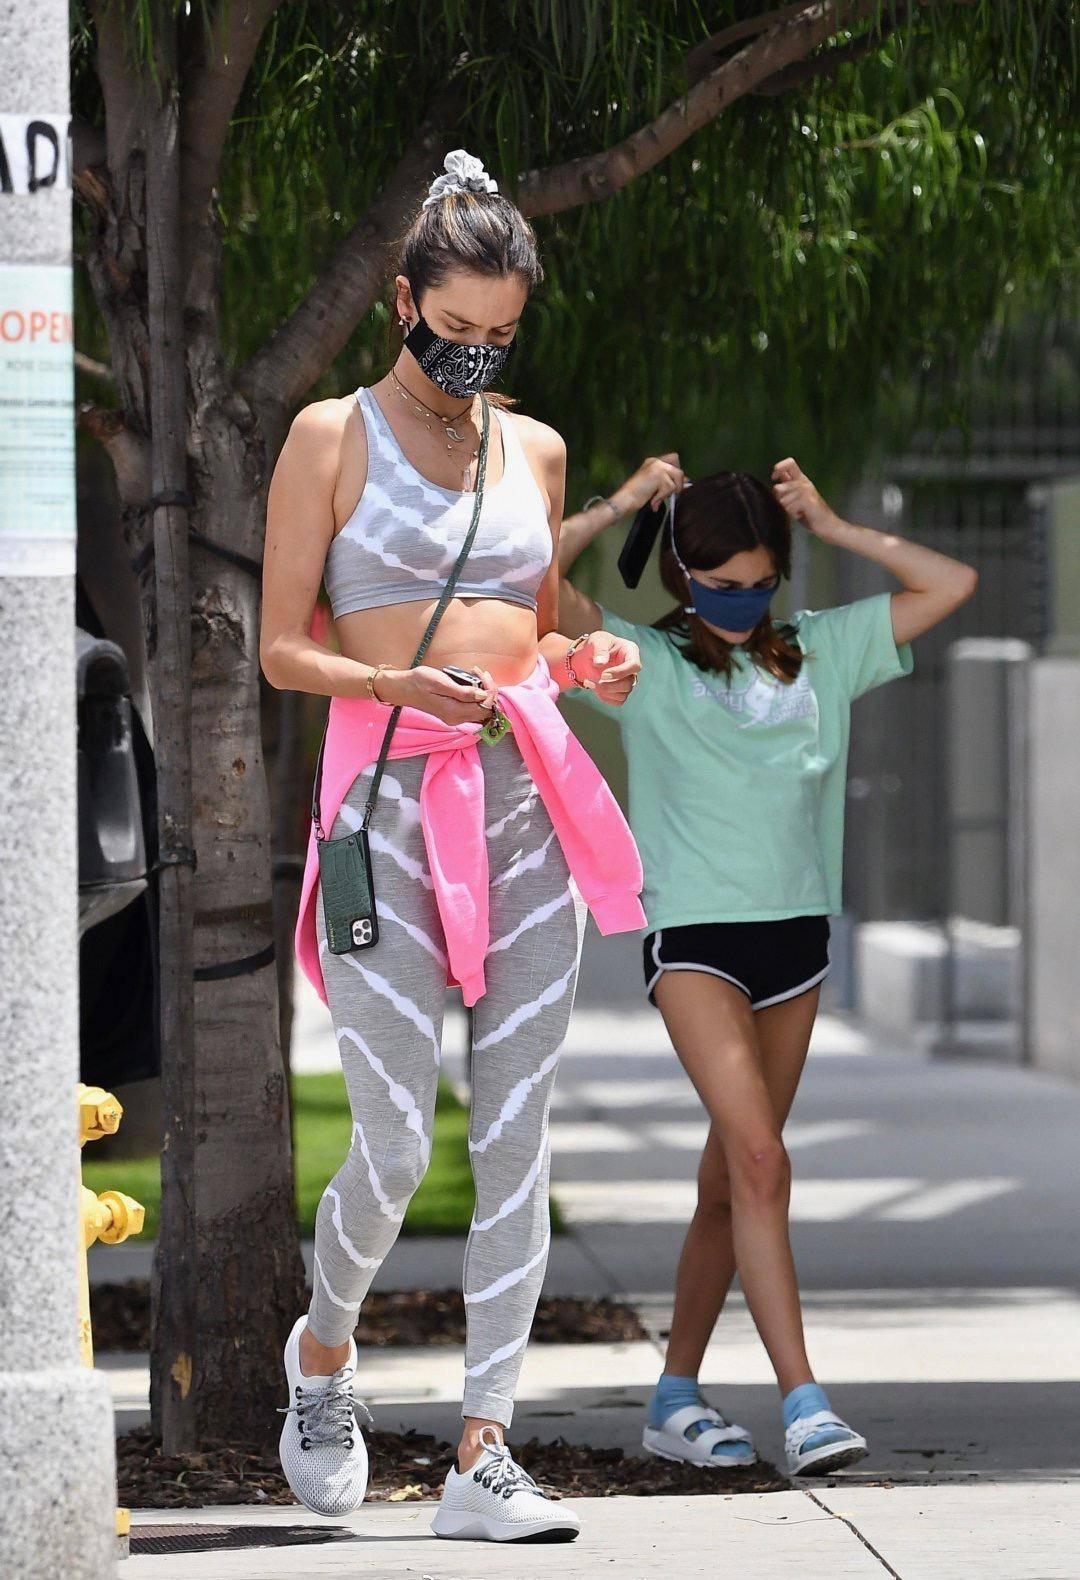 上衣 超模AA12岁女儿长腿太吸睛!她穿花上衣配超短裤,纤细腿型不输妈